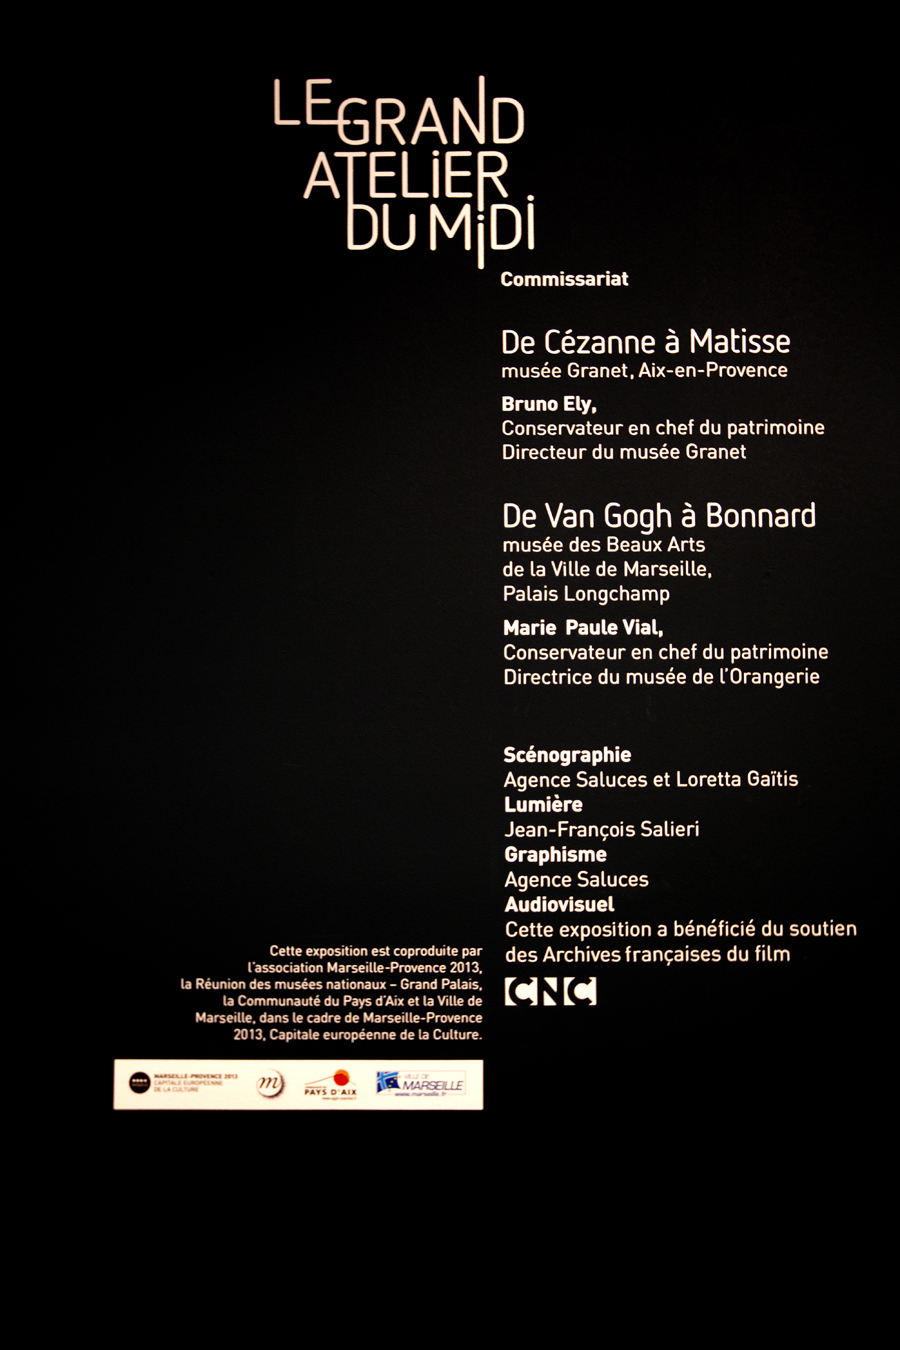 aldo_paredes_le_grand_atelier_du_midi_aix-en-provence_bd-65